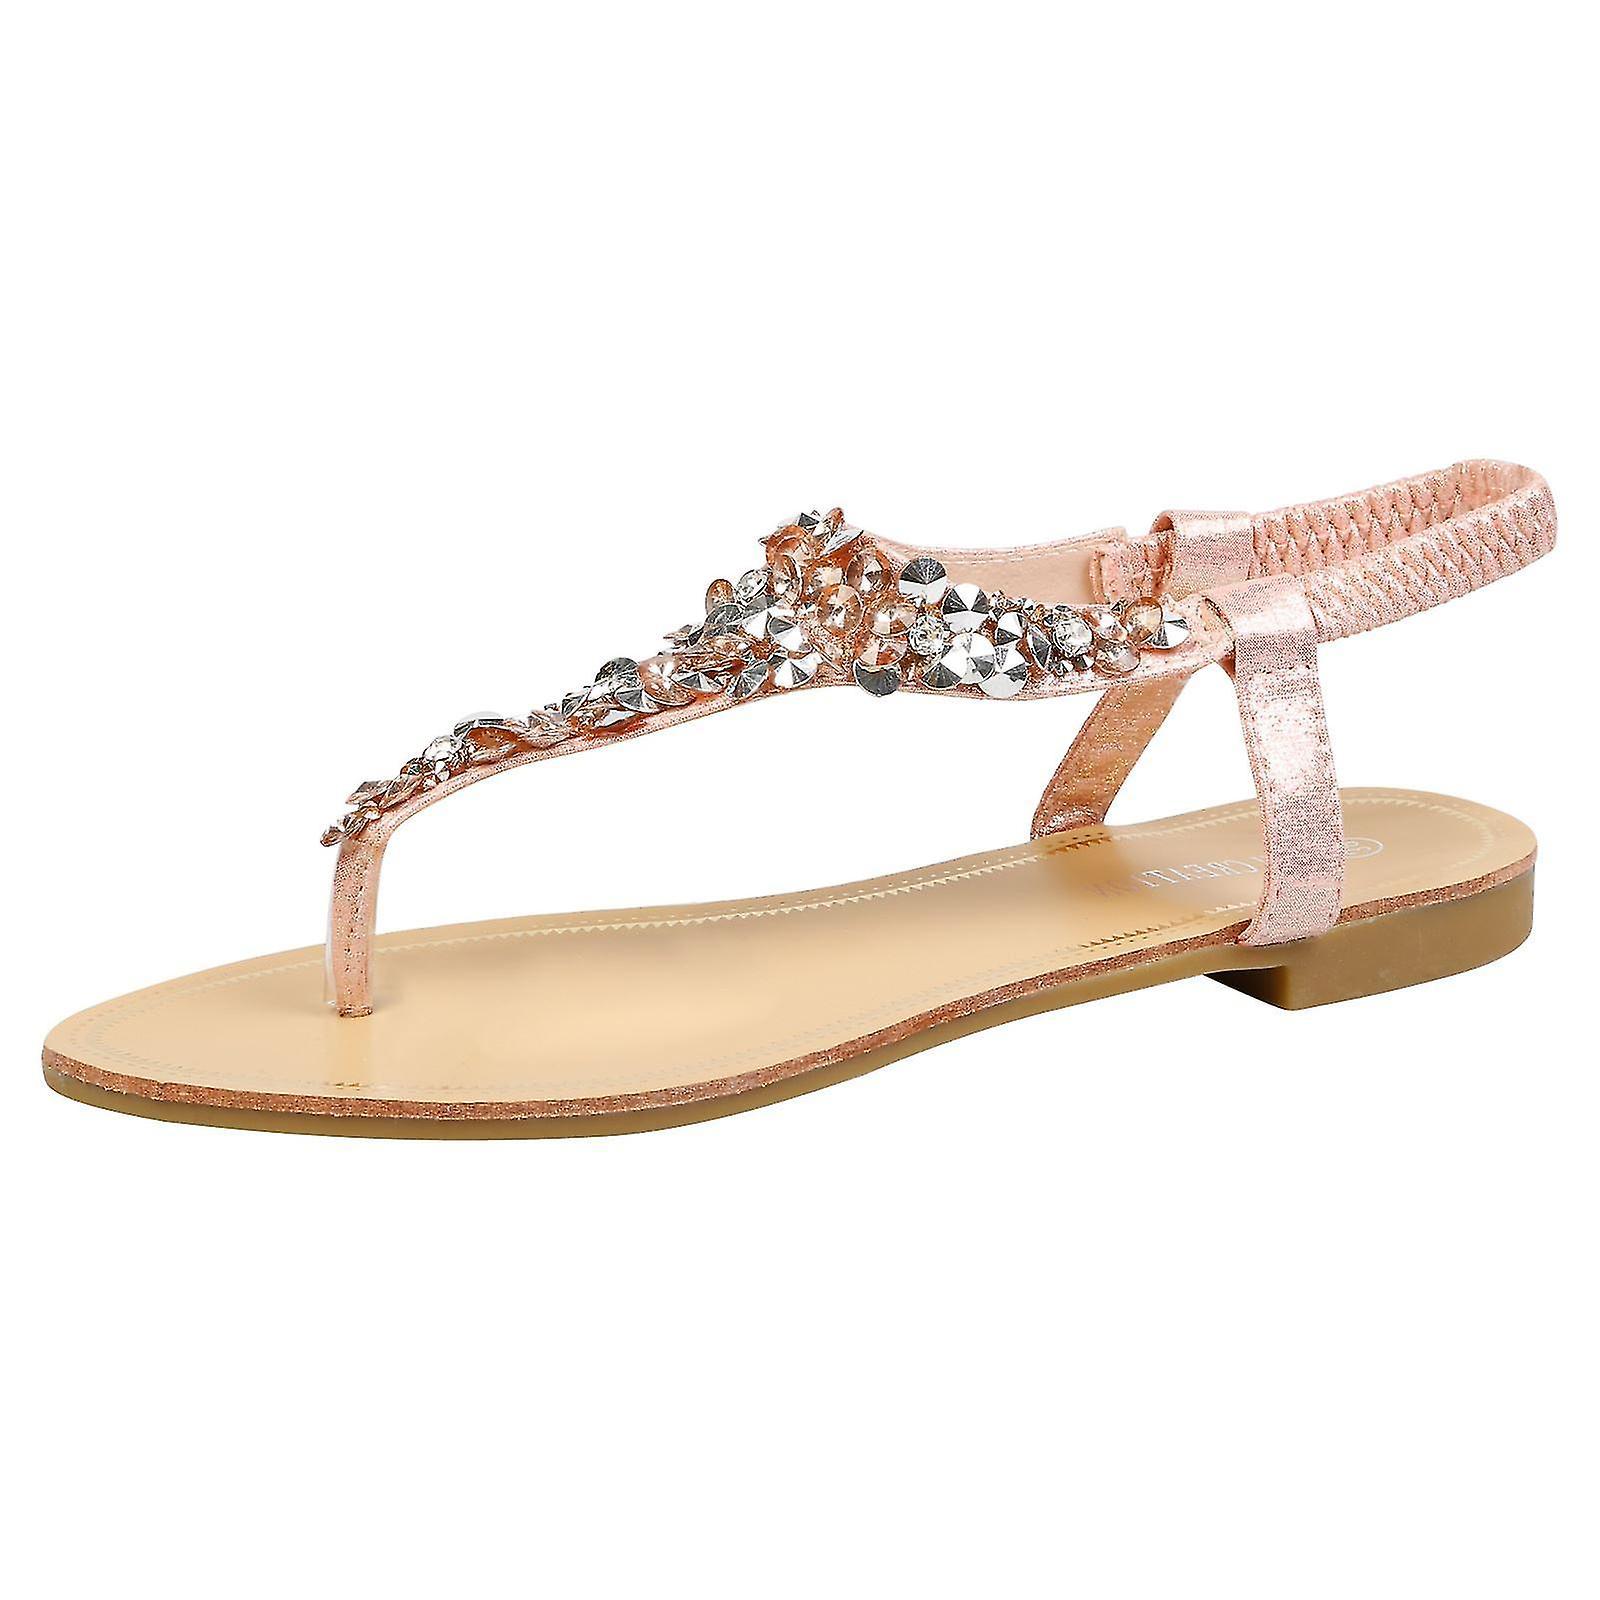 c22d02af0d60 Veronica Womens Flats Diamante Elasticated Flip Flops Ladies Thong Sandals  Shoes